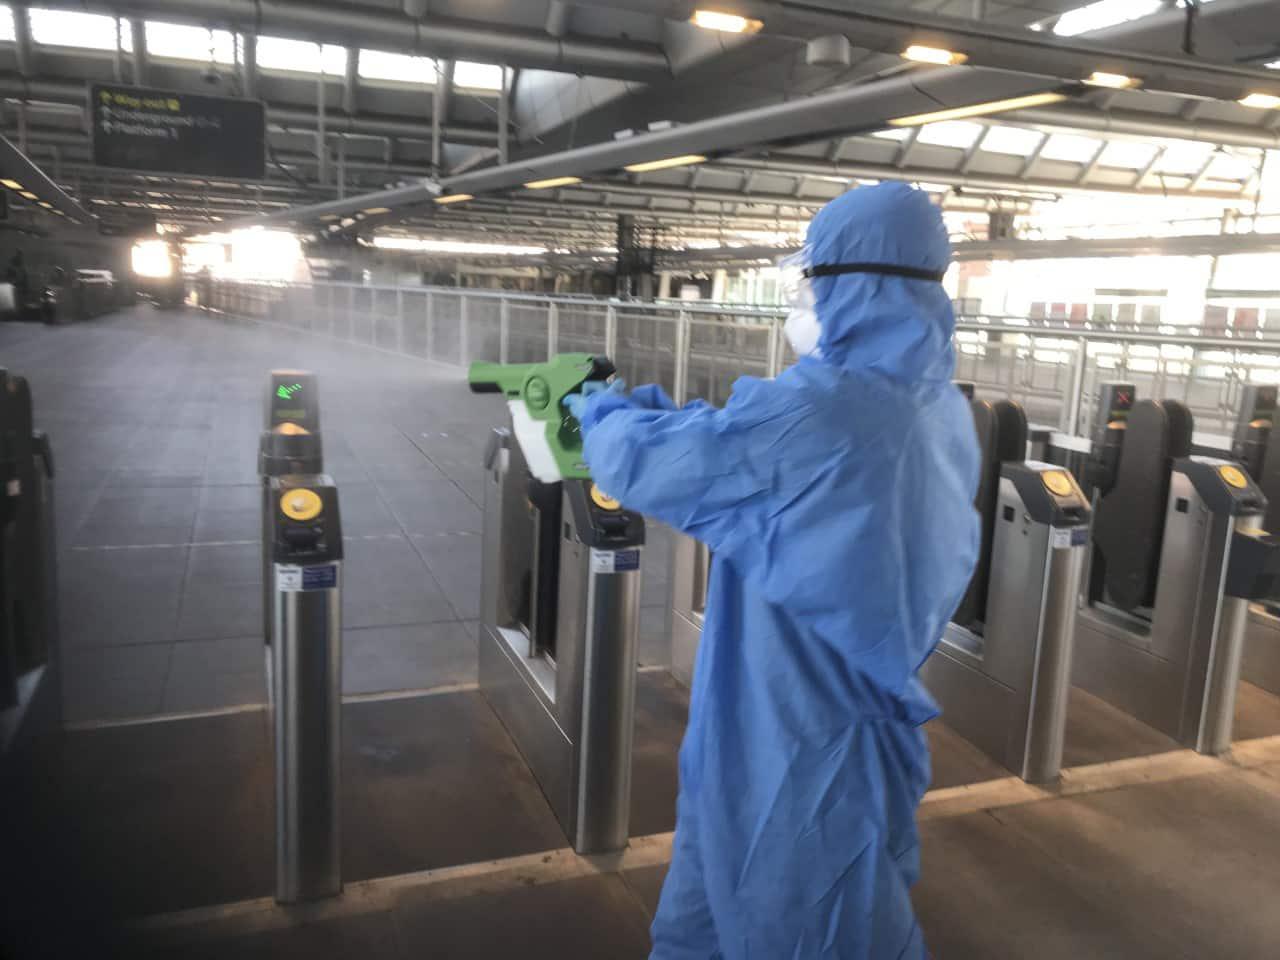 Govia Thameslink Railway uses 30 day coronavirus killer on trains and at stations